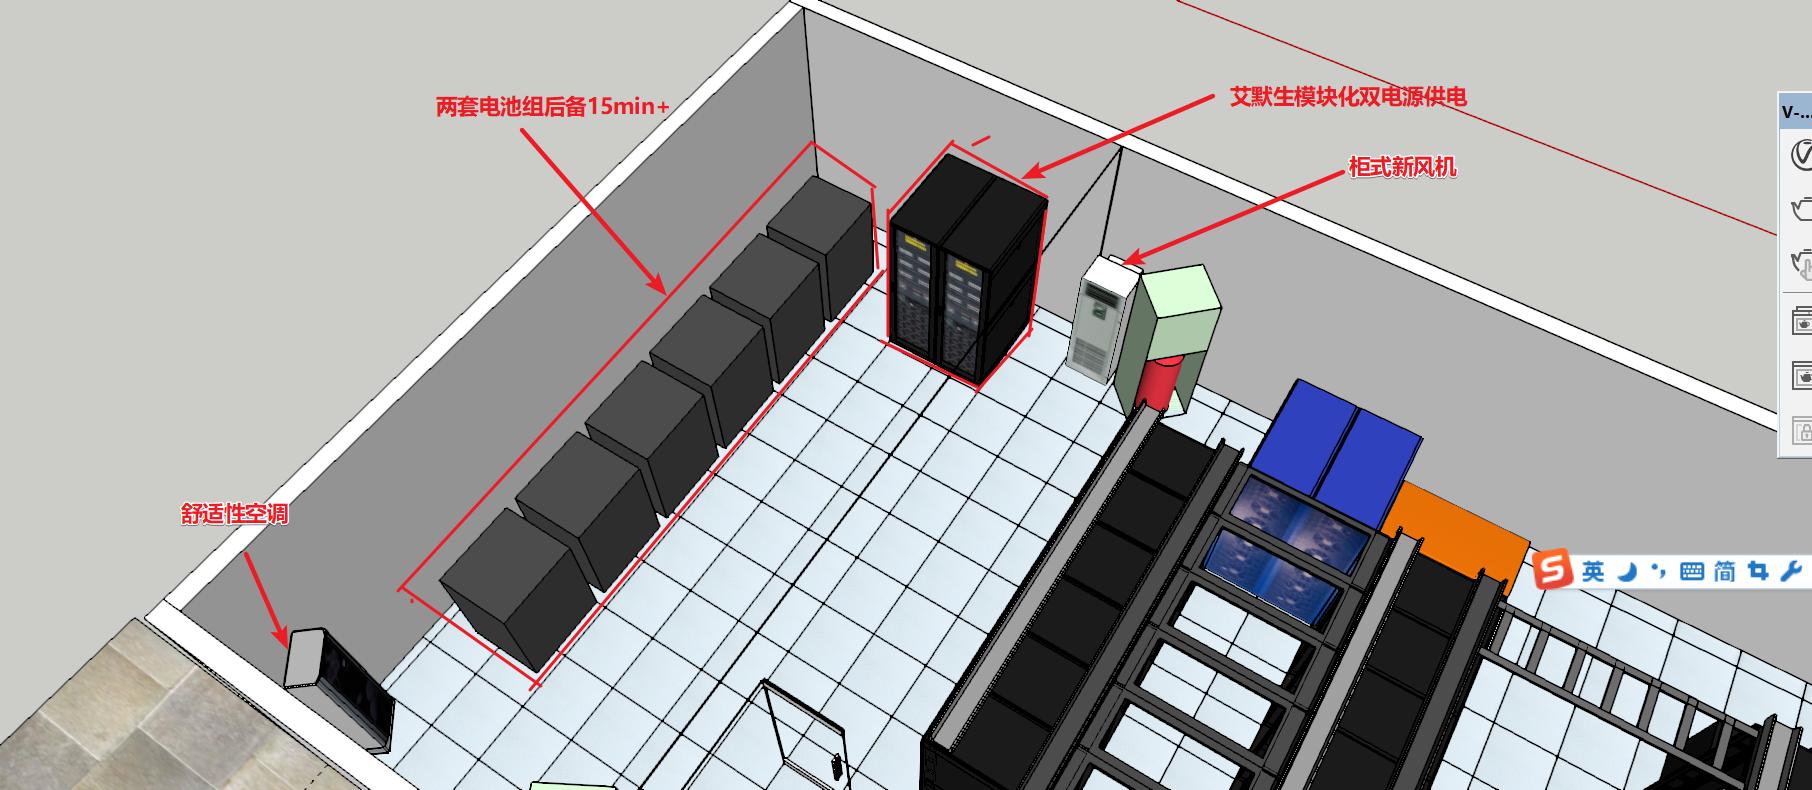 [分享]一个工业企业园区数据中心案例介绍